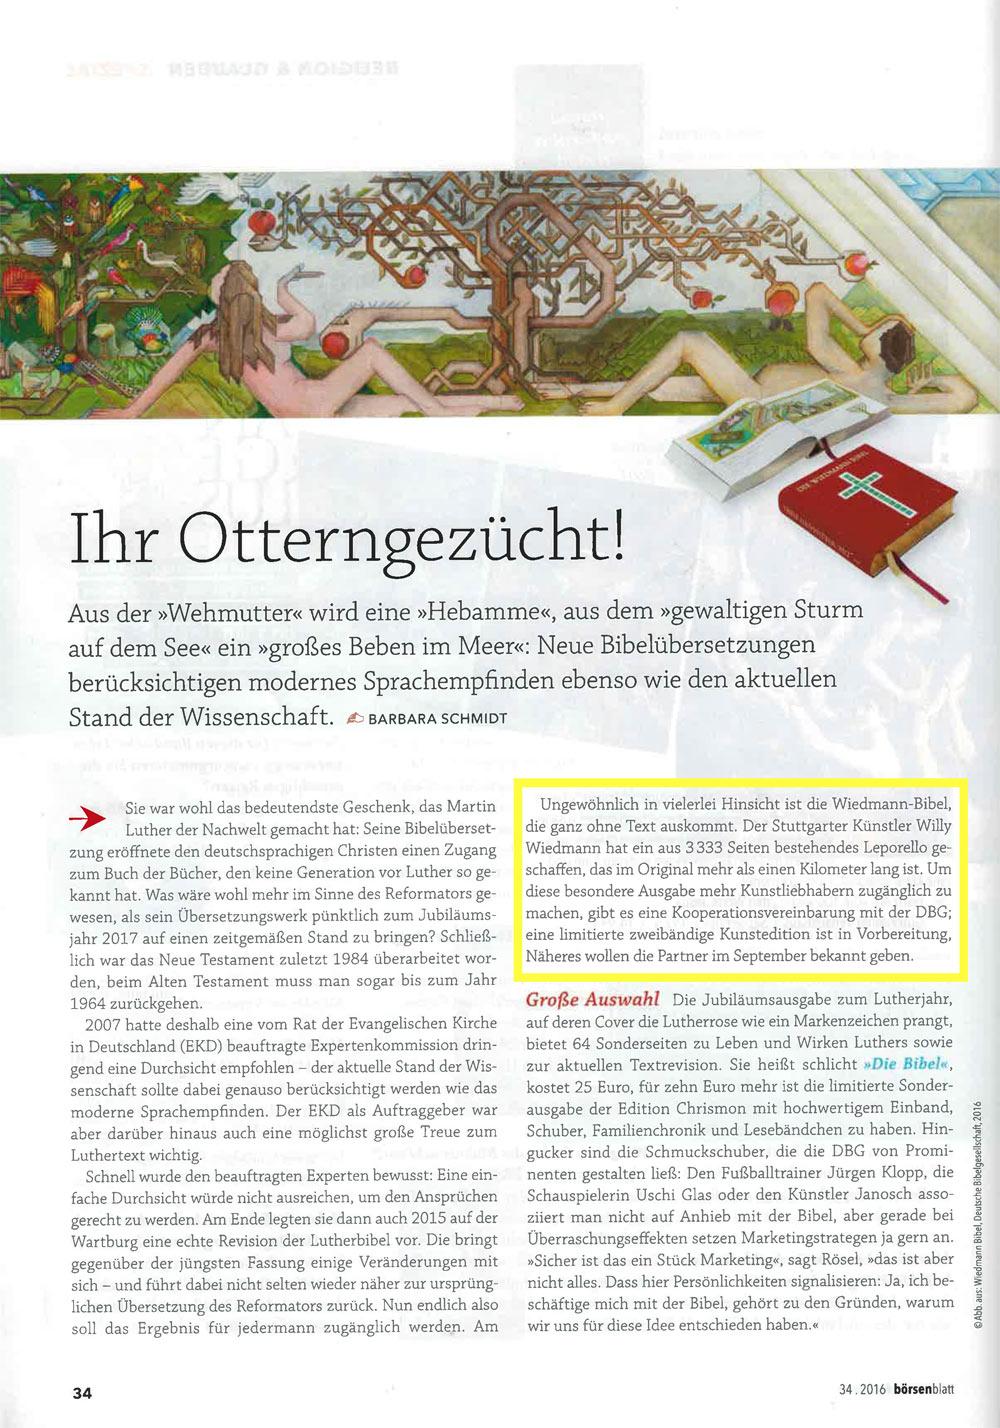 Source: Börsenblatt August 2016 - Religion & Glauben